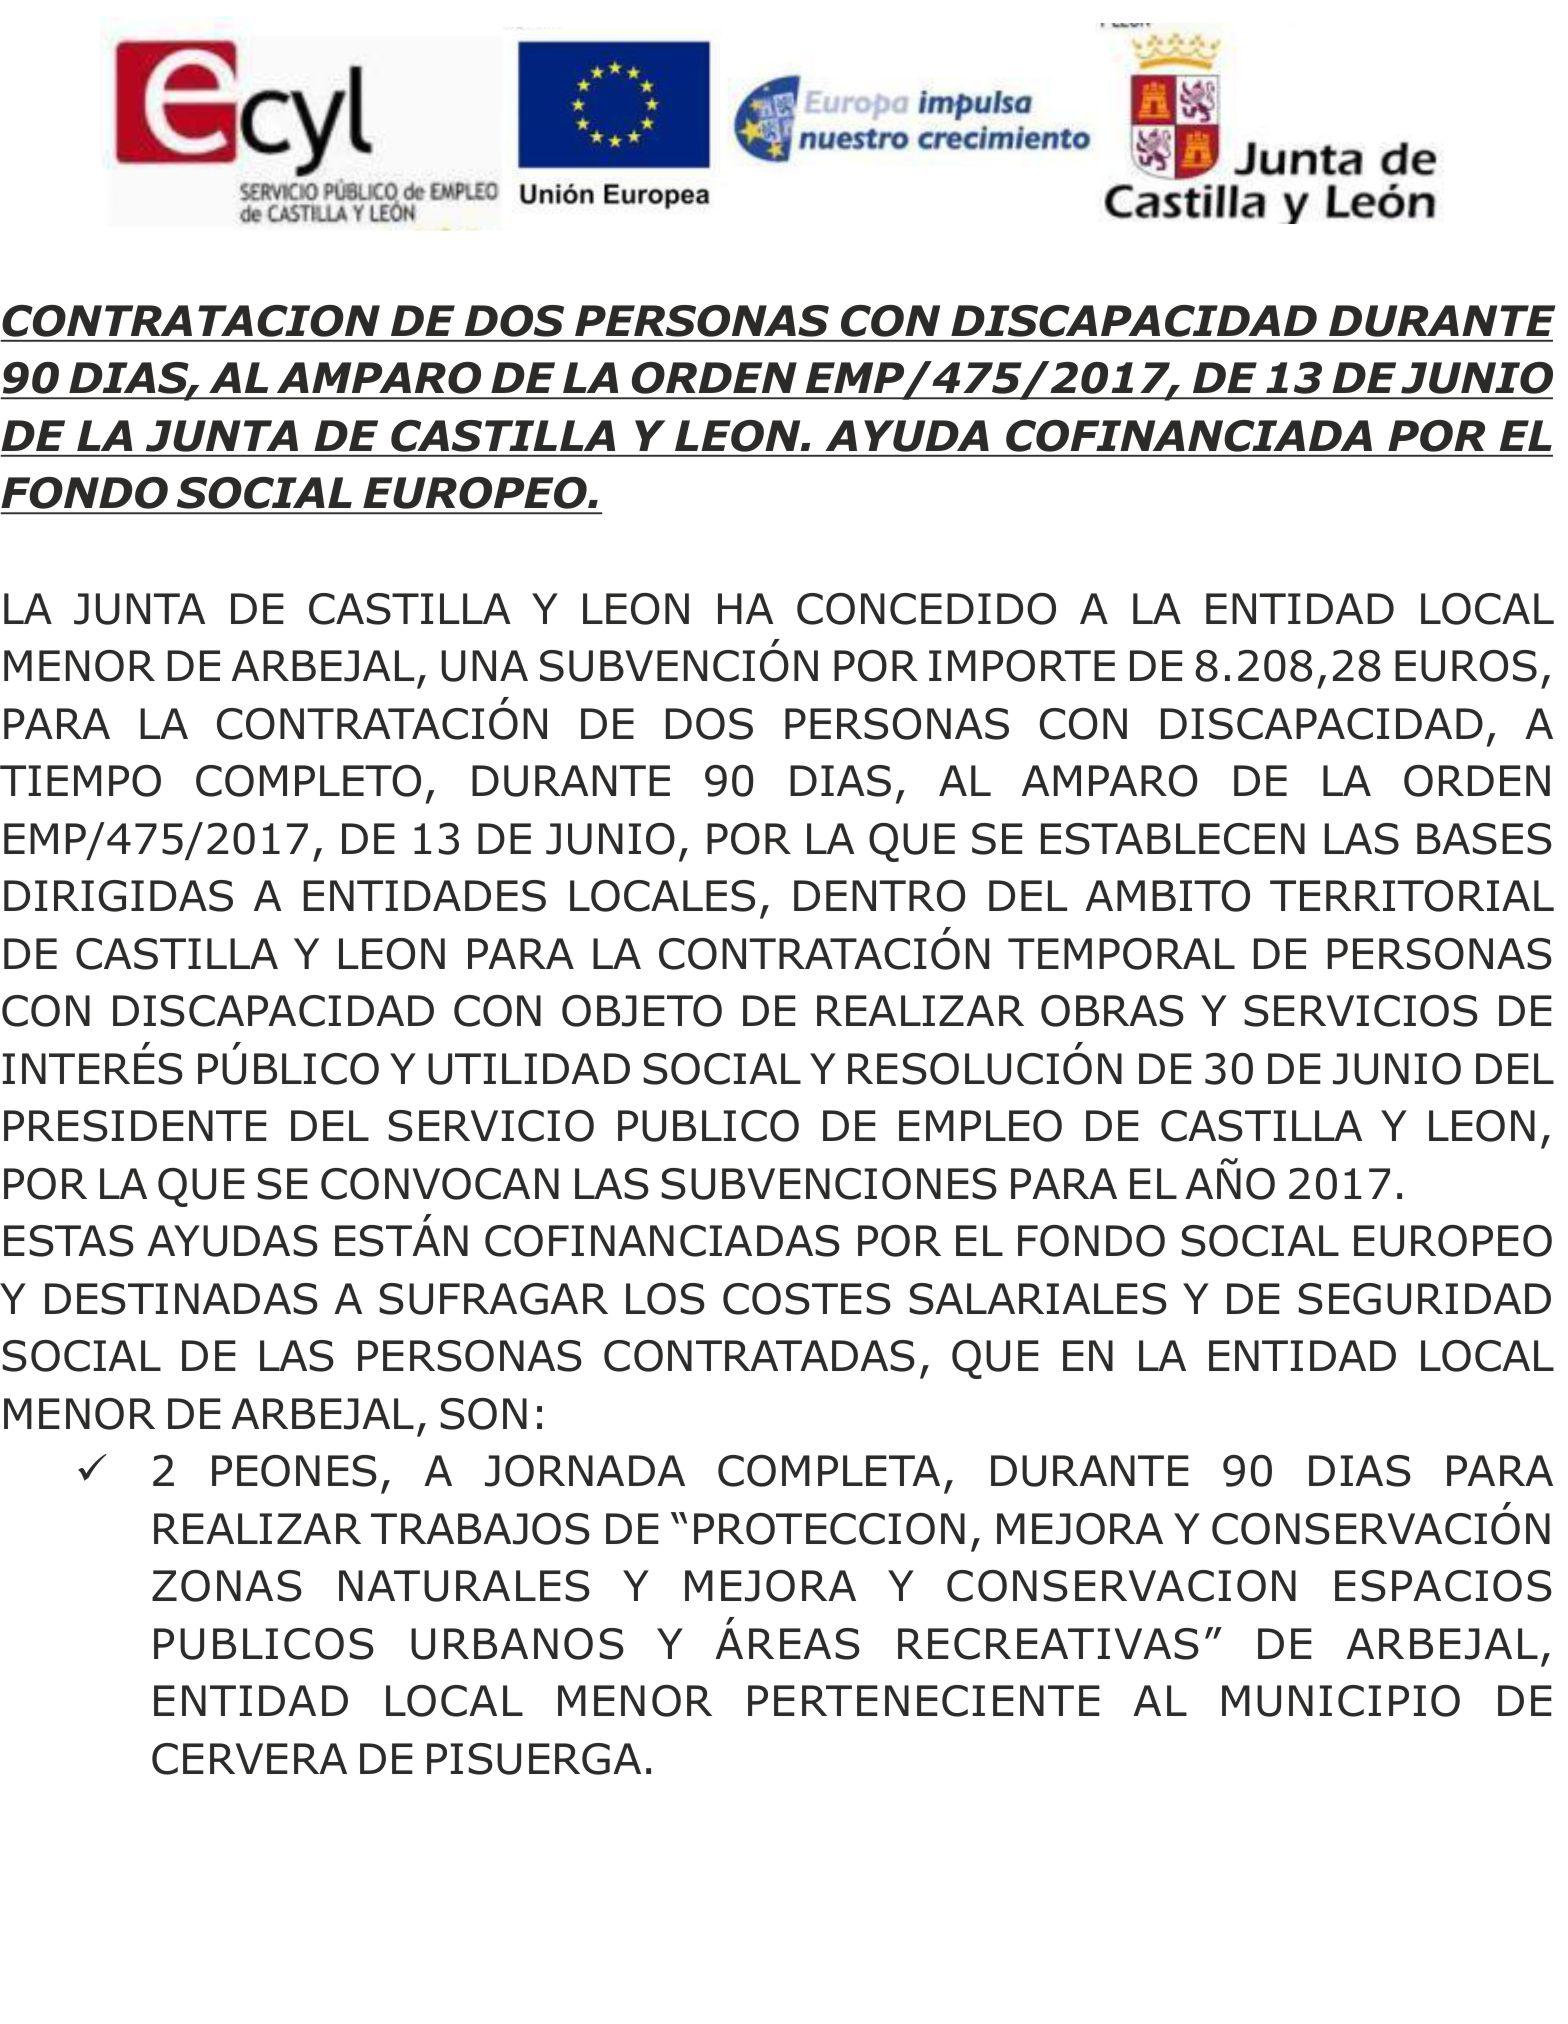 Contratación de dos persona con discapacidad durante 90 días al amparo de la Orden EMP/475/2017, de 13 de junio de la Junta de Castilla y León. Ayuda cofinanciada por el Fondo Social Europeo.